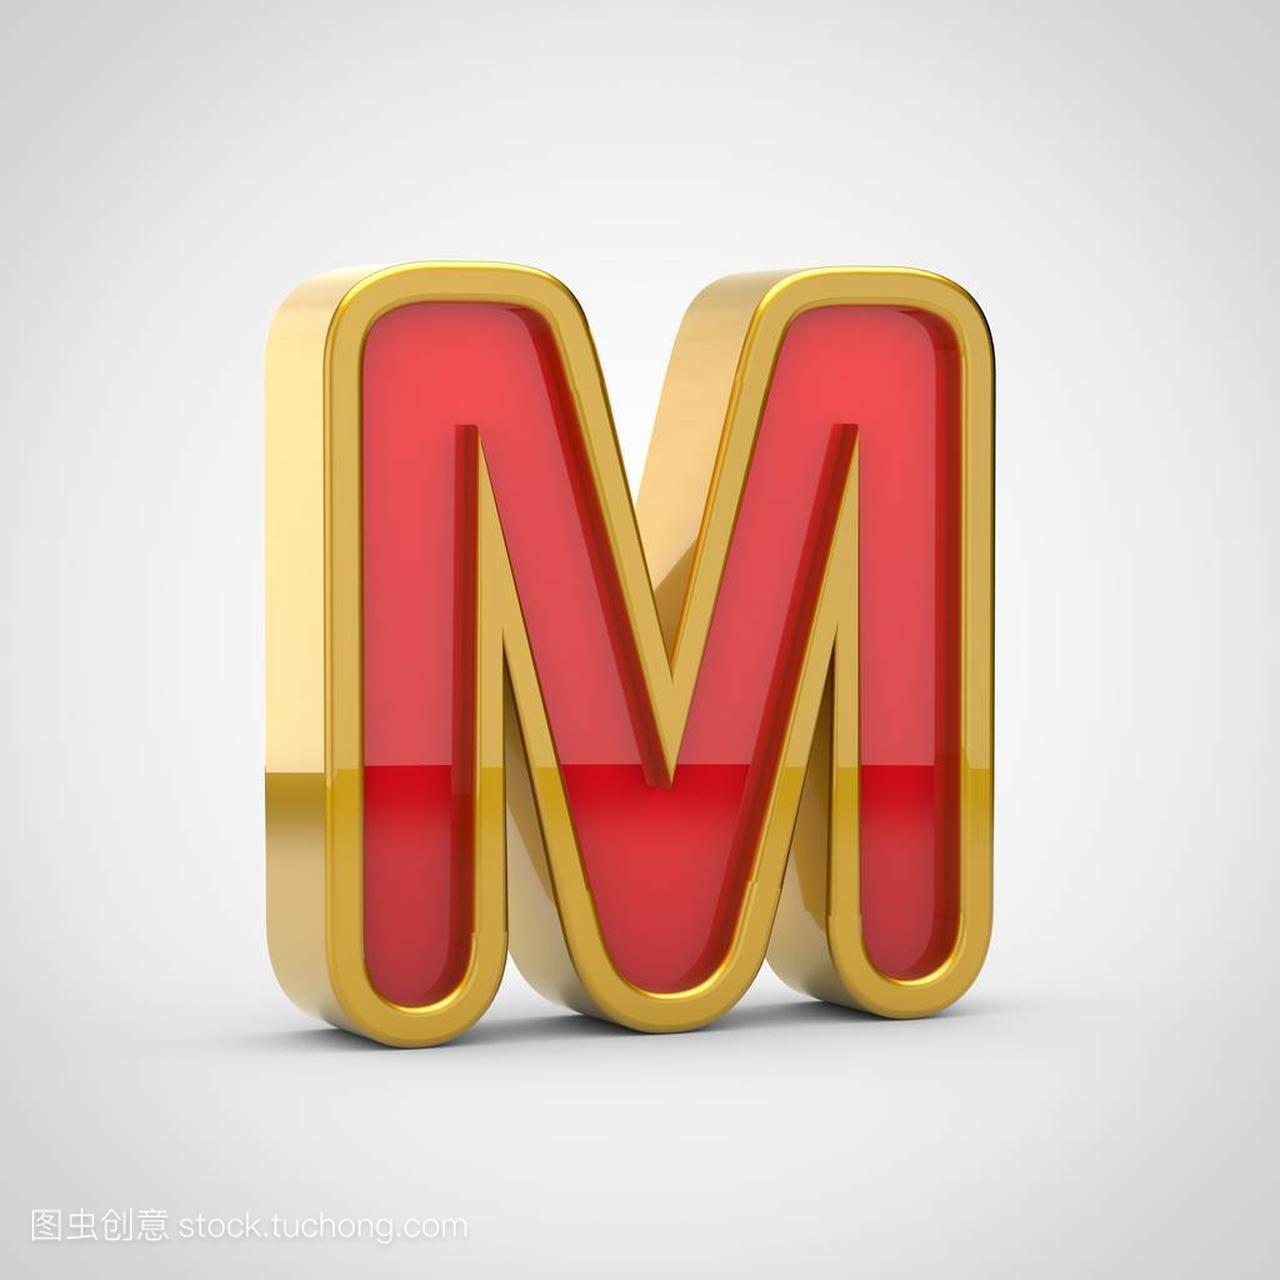 有红色的光泽M大写。3d渲染图纸金色,字体ctp字母图片